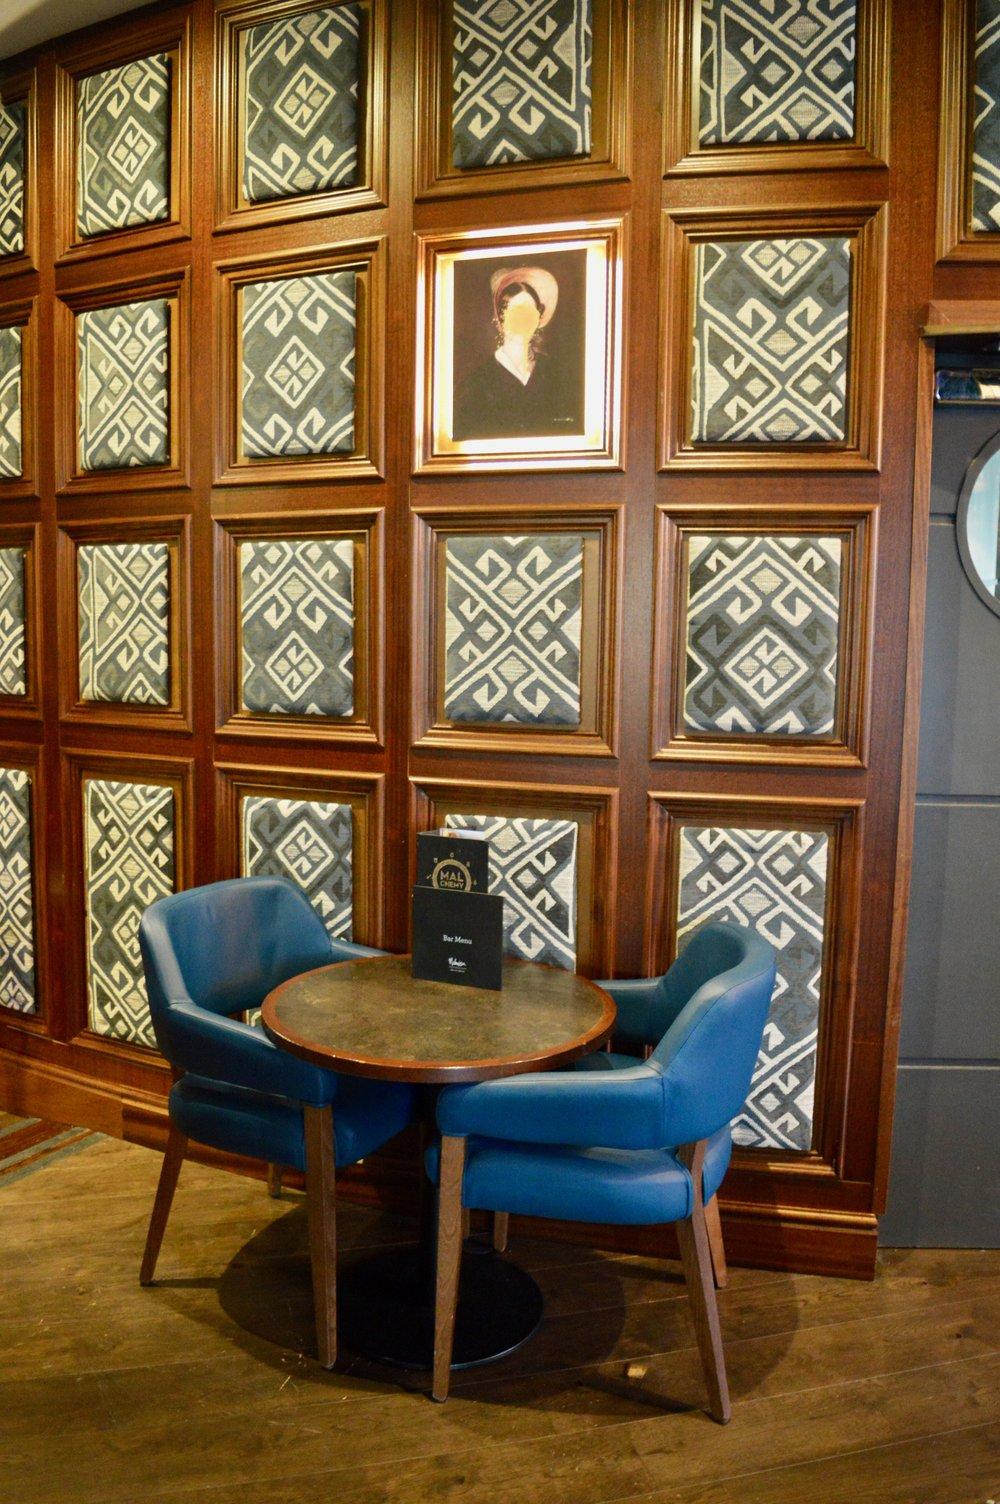 chez_mal_malmaison_newcastle_bar_launch_boutique_hotel_elle_blonde_luxury_lifestyle_blog-1